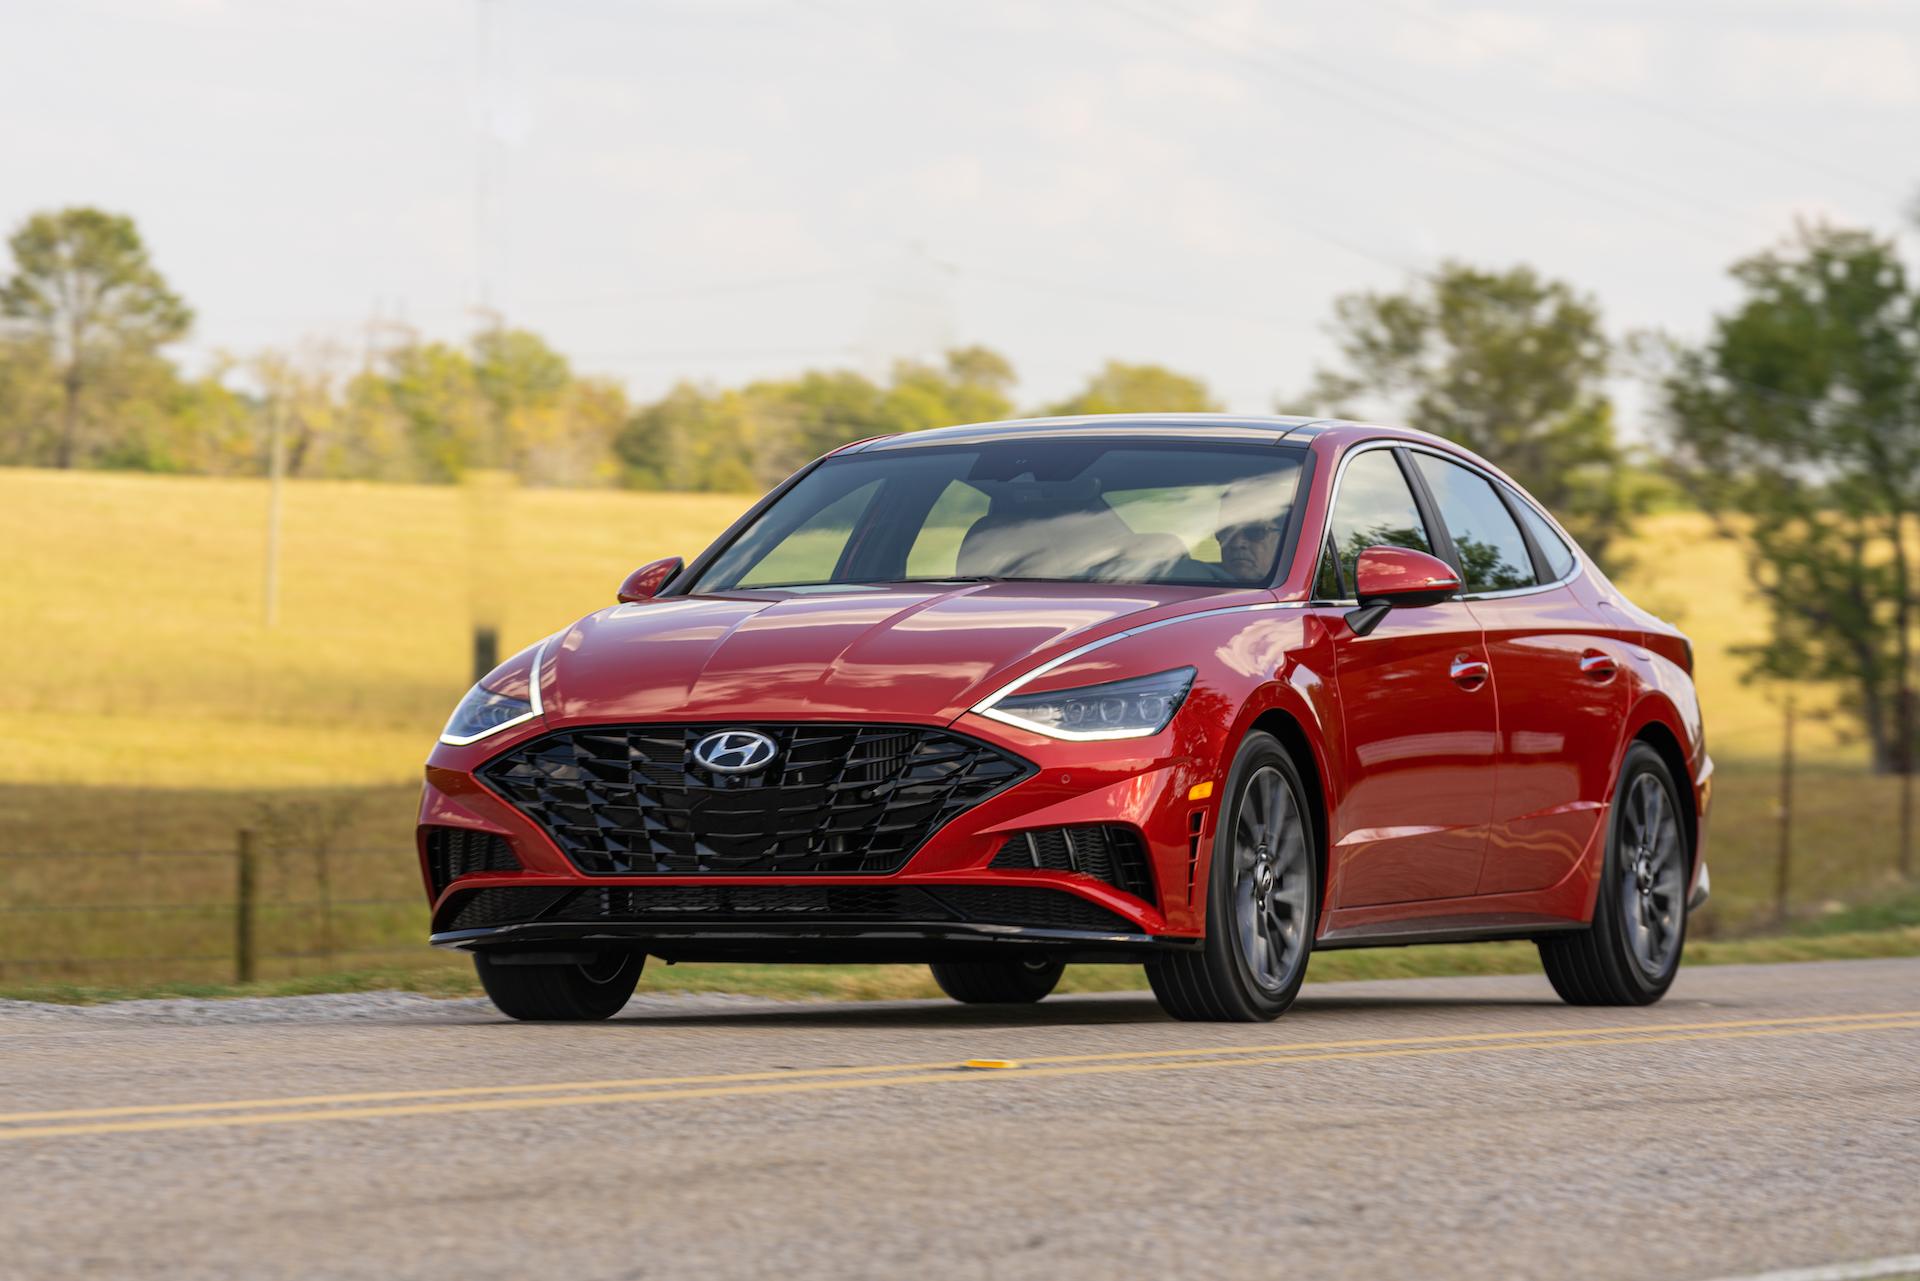 2020 Hyundai Sonata Has A Modest Price Bump For A Big Jump